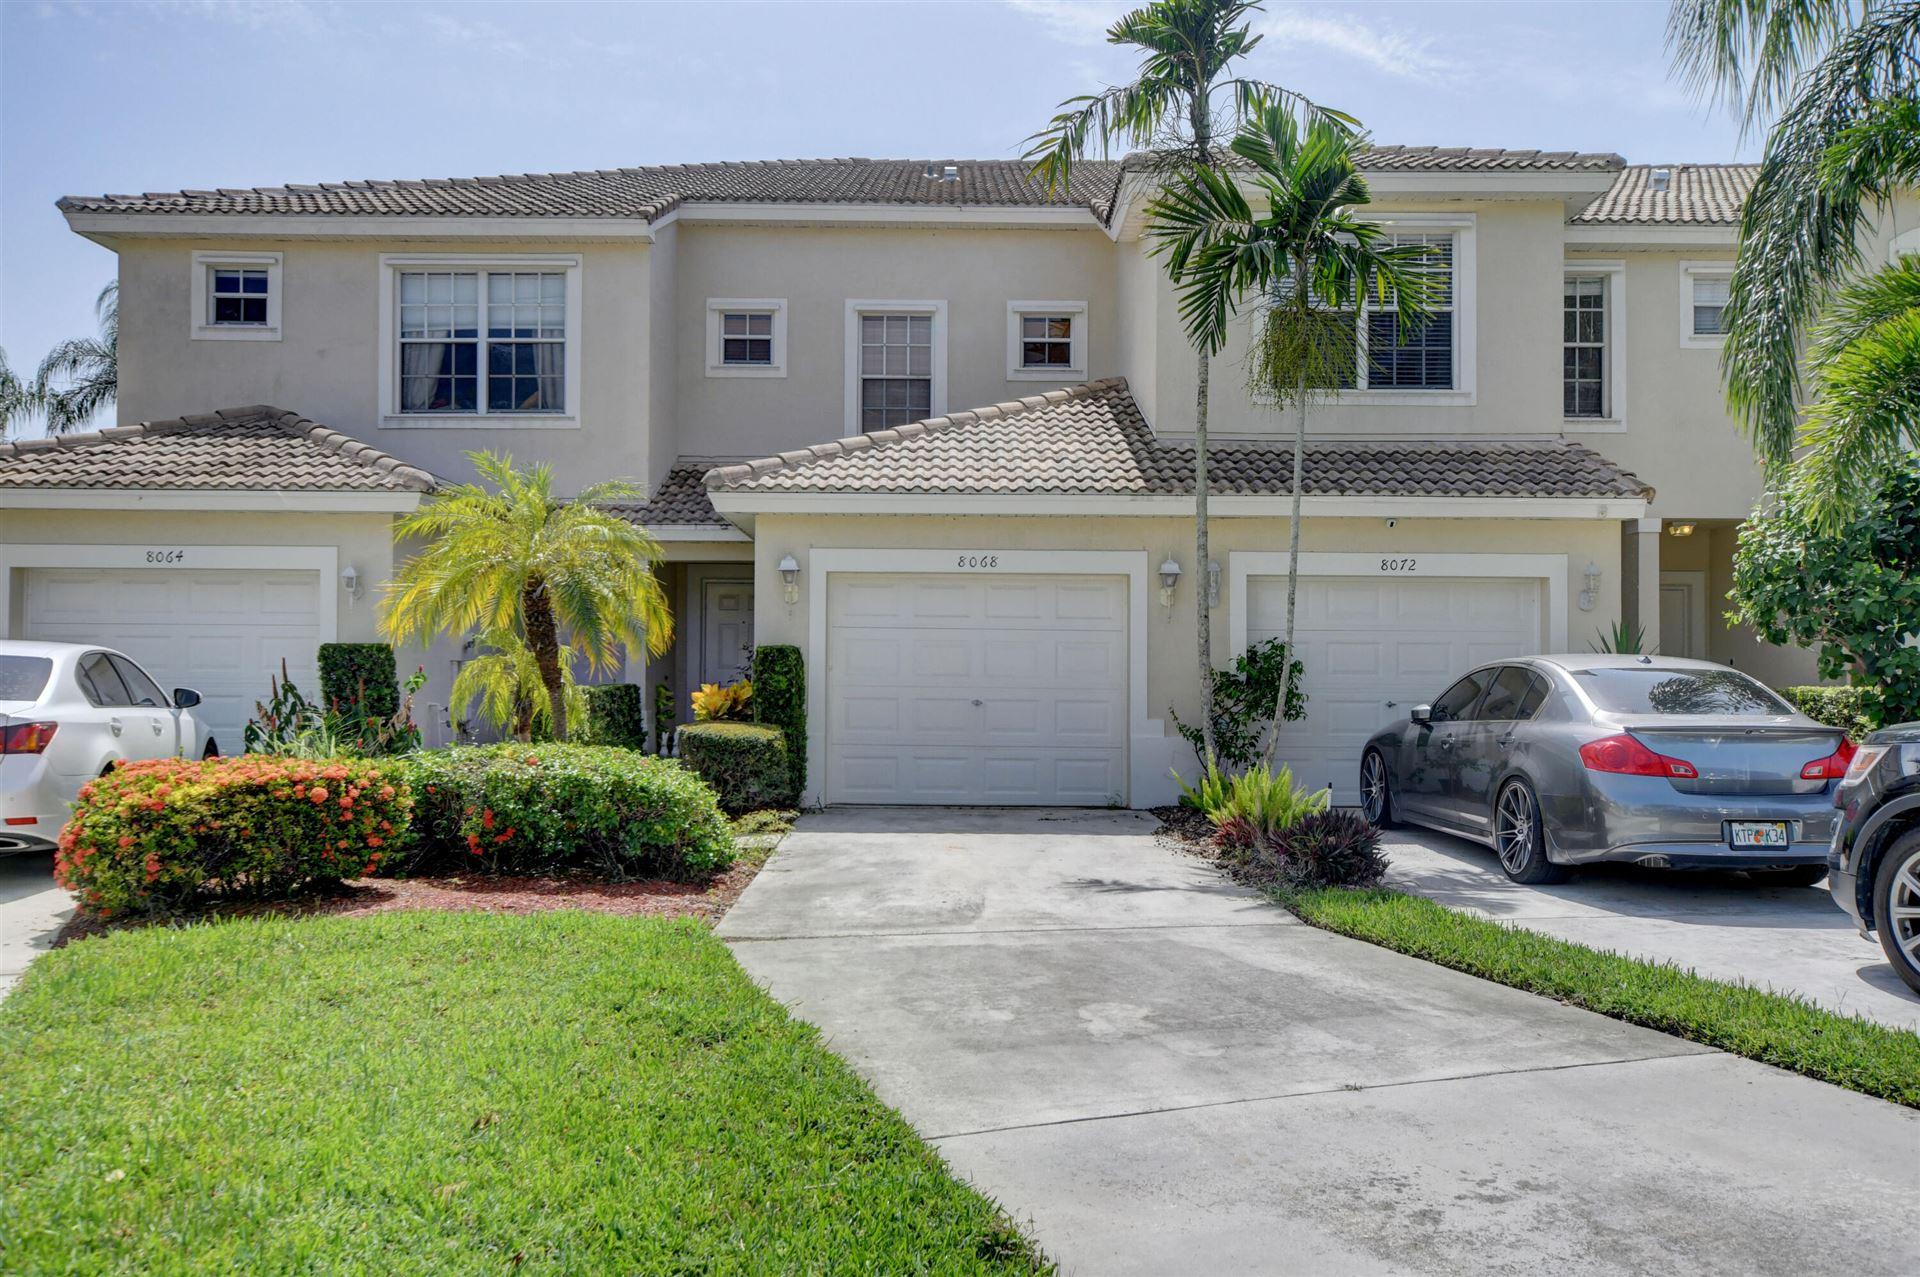 8068 Briantea Drive, Boynton Beach, FL 33472 - MLS#: RX-10743499